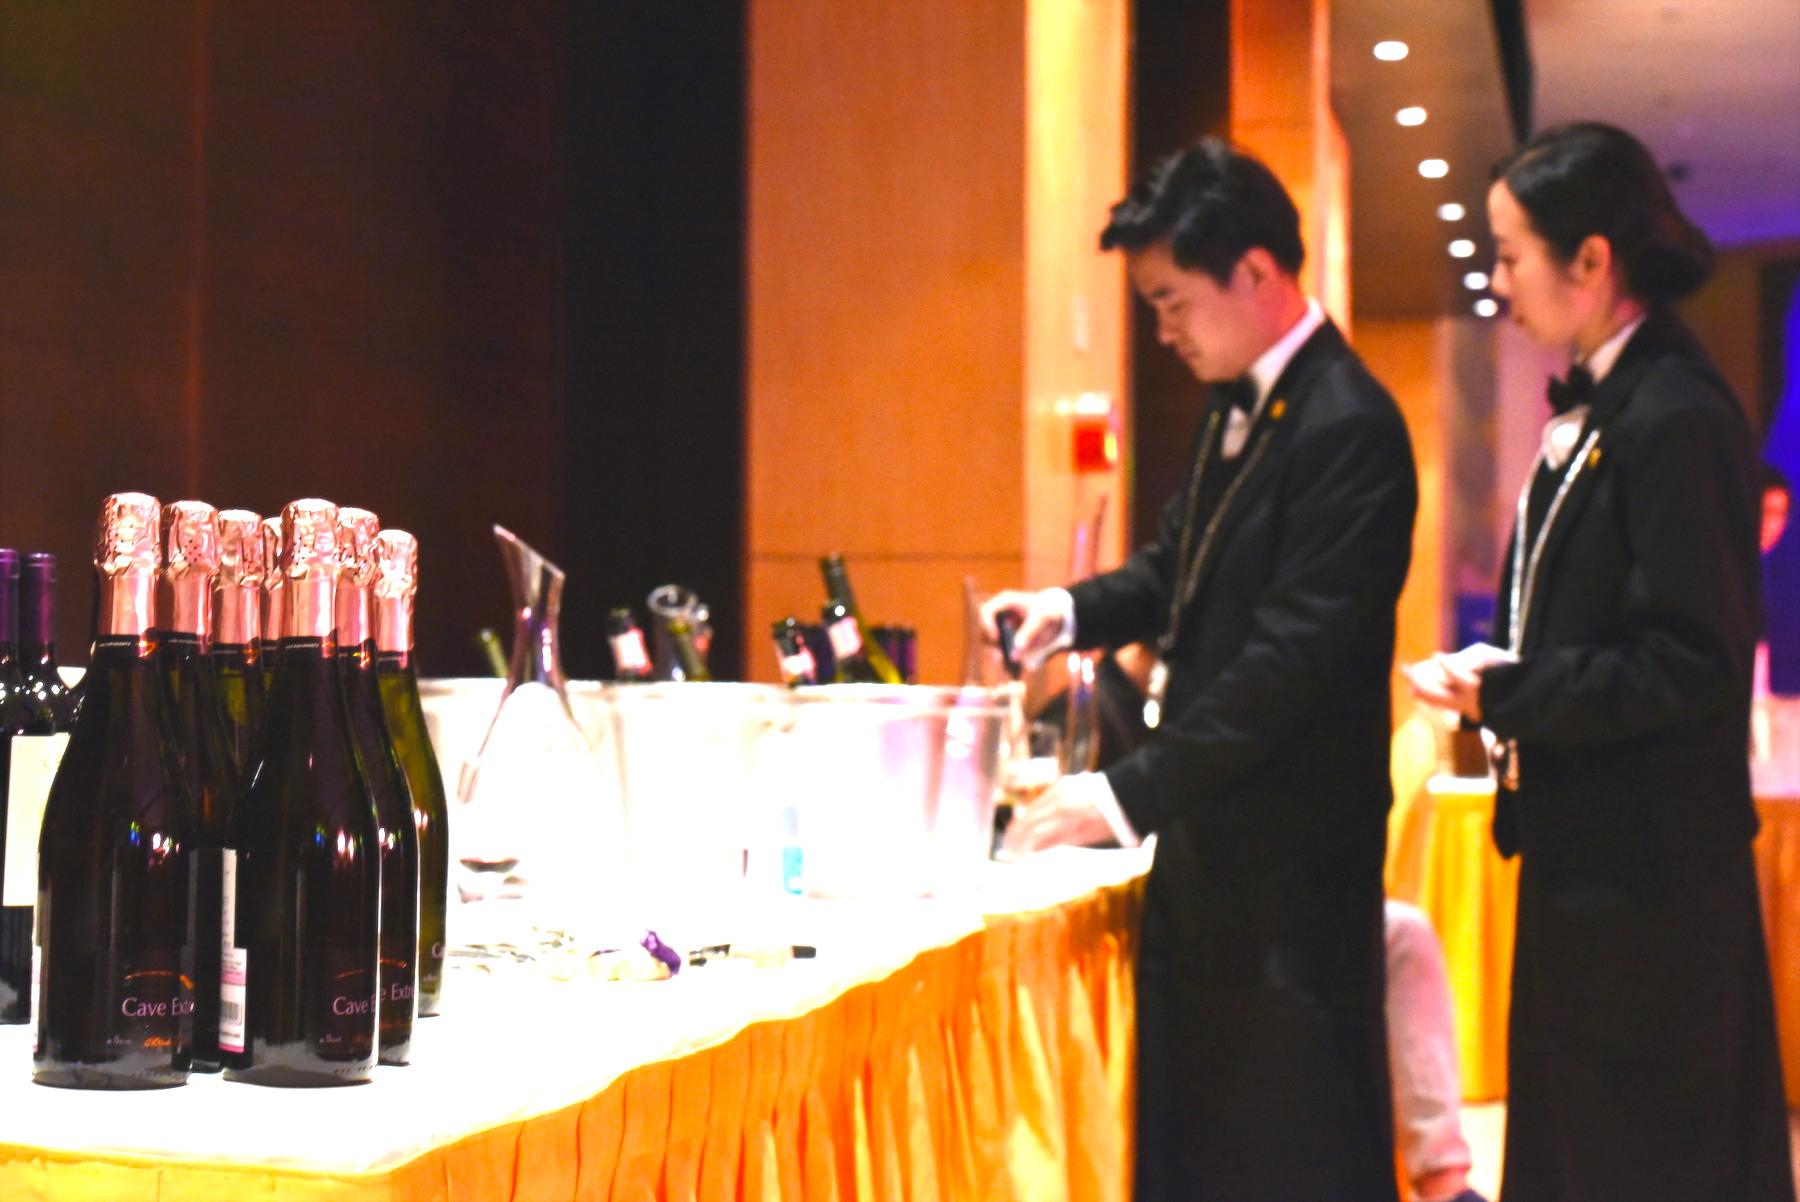 侍酒师在现场测试酒温